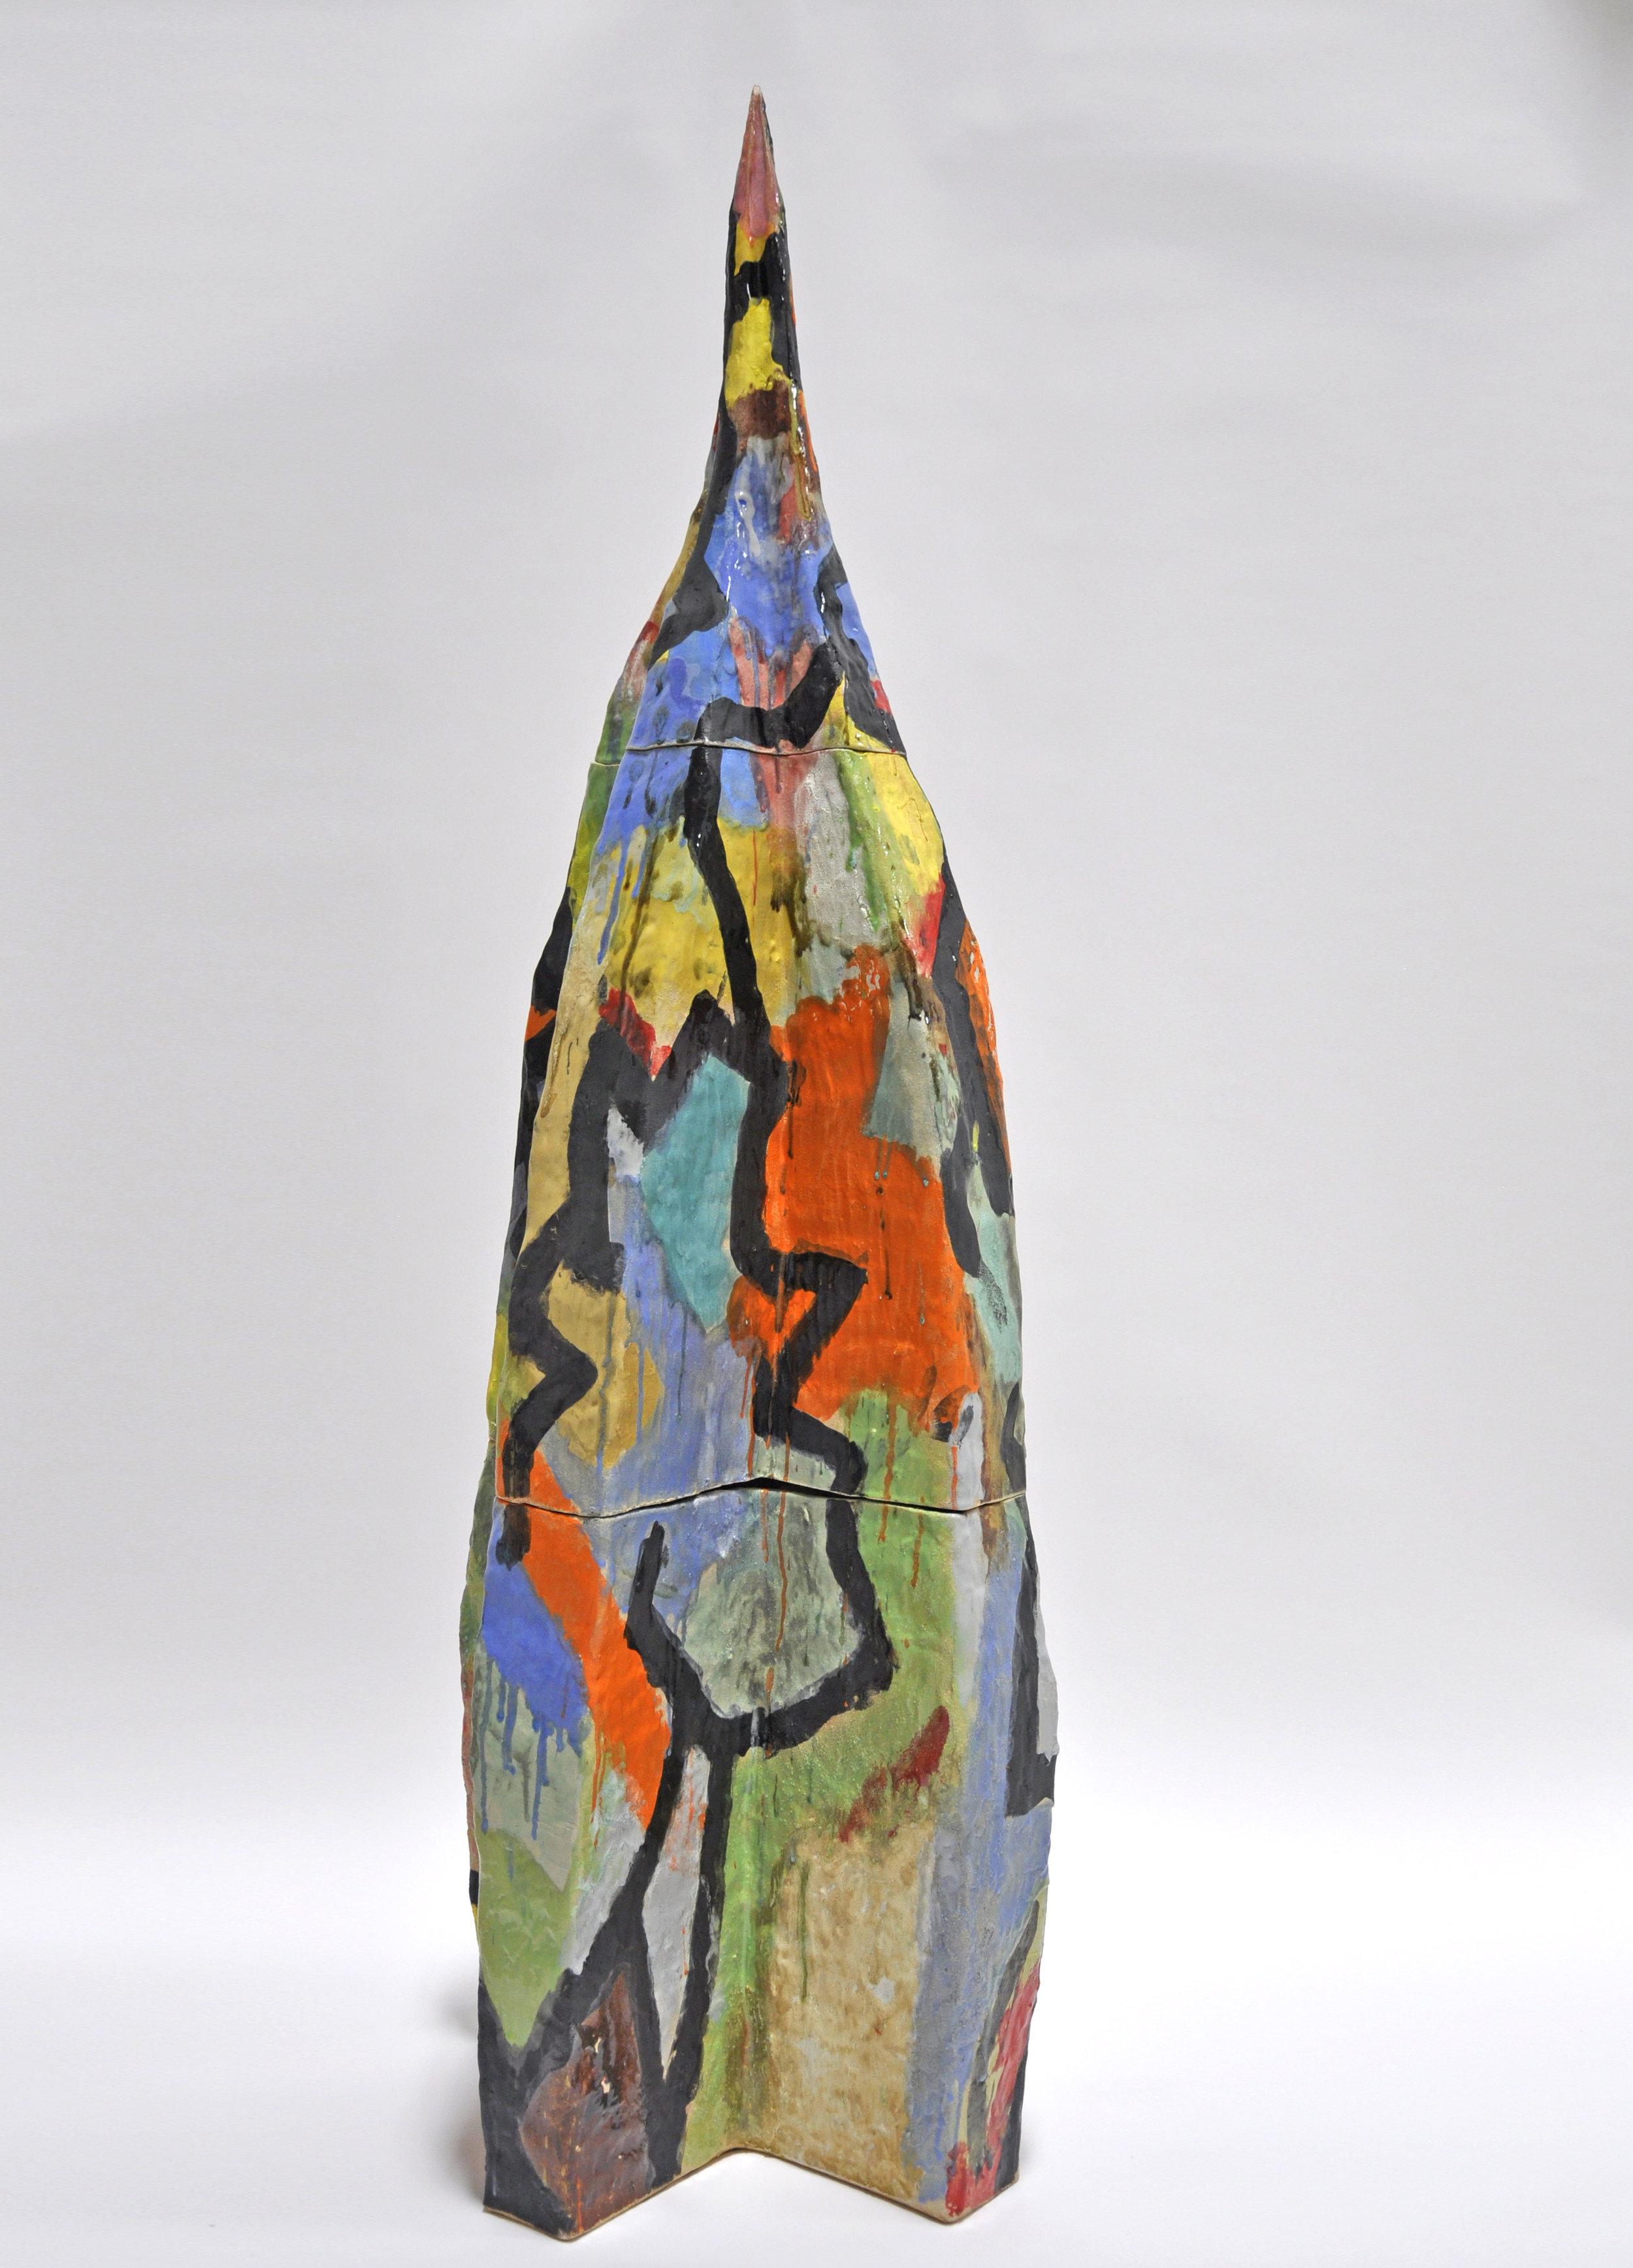 Nick Makanna, XXXIV, 2019, Glazed ceramic, 69.5 x 25 x 25 in, $4500